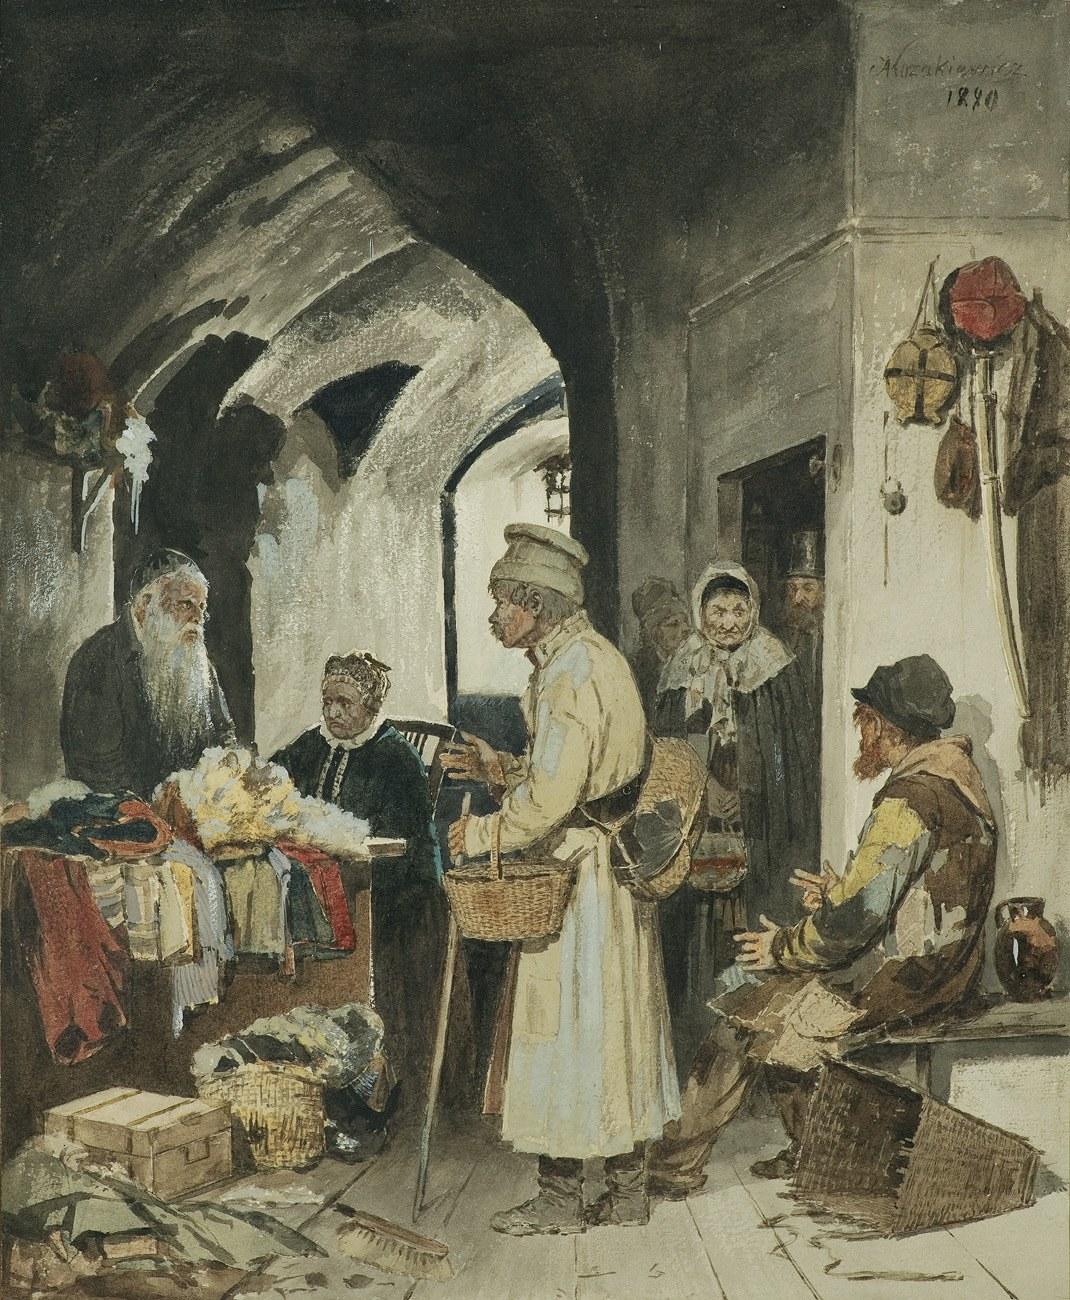 Kozakiewicz Antoni, HANDEL STARZYZNĄ, 1880